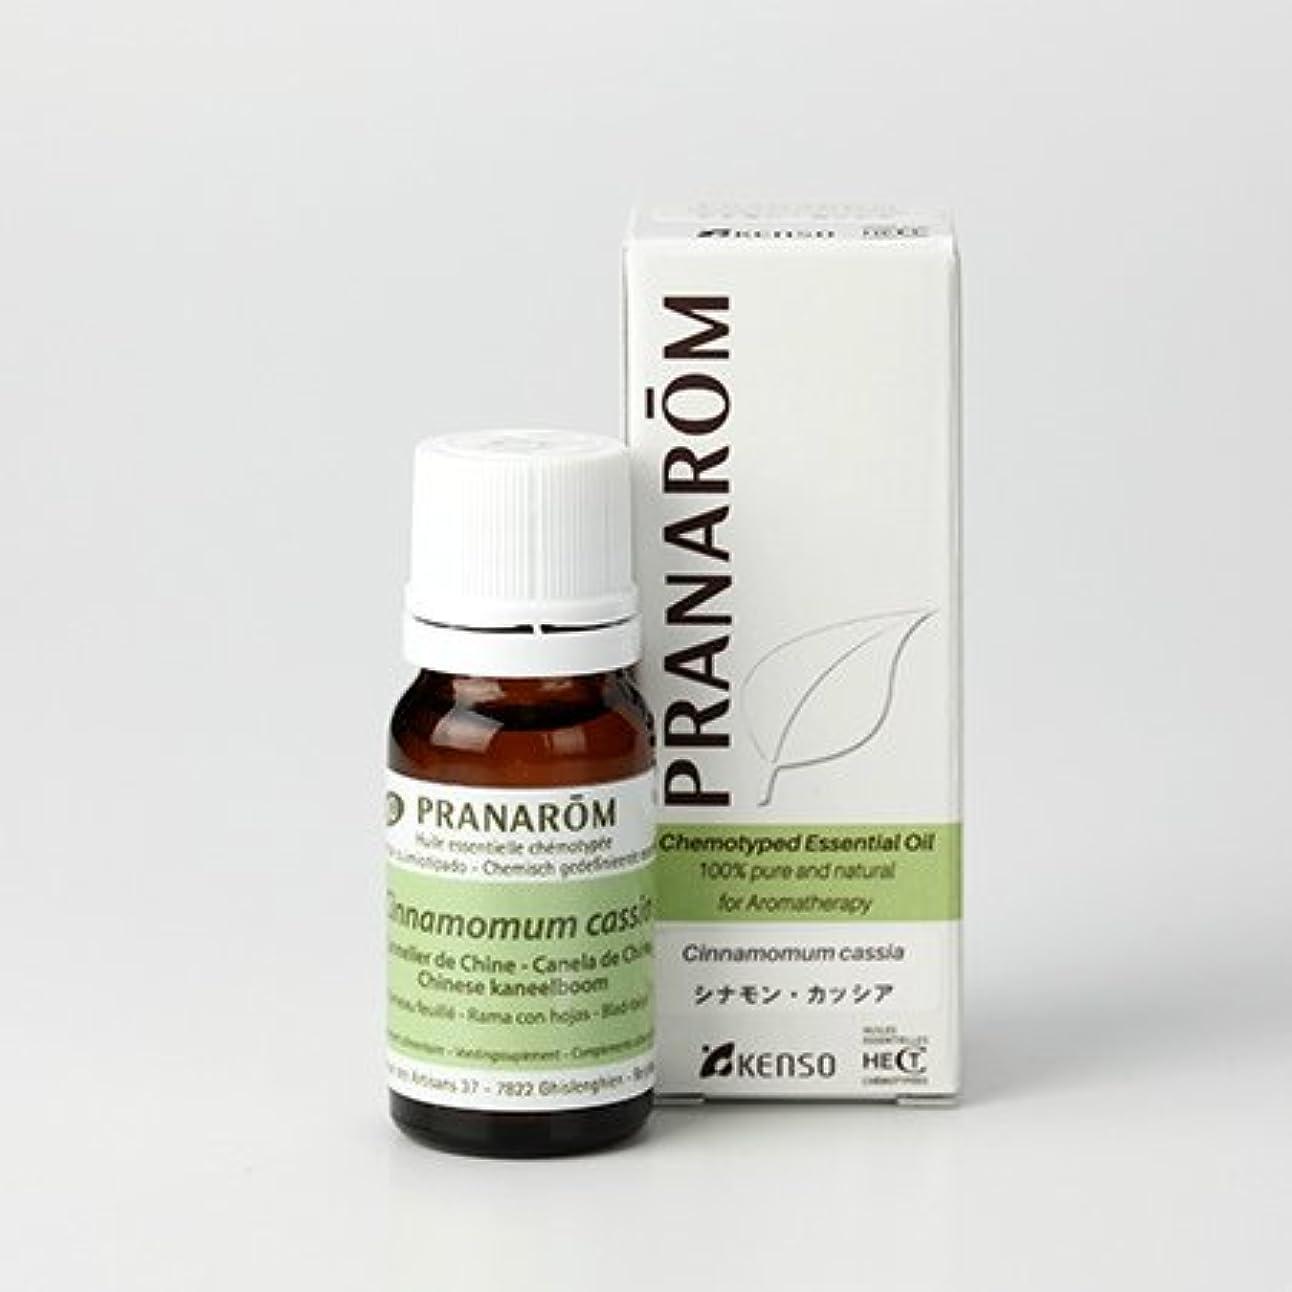 グレートオーク悪化させる世辞プラナロム シナモンカッシア 10ml (PRANAROM ケモタイプ精油)